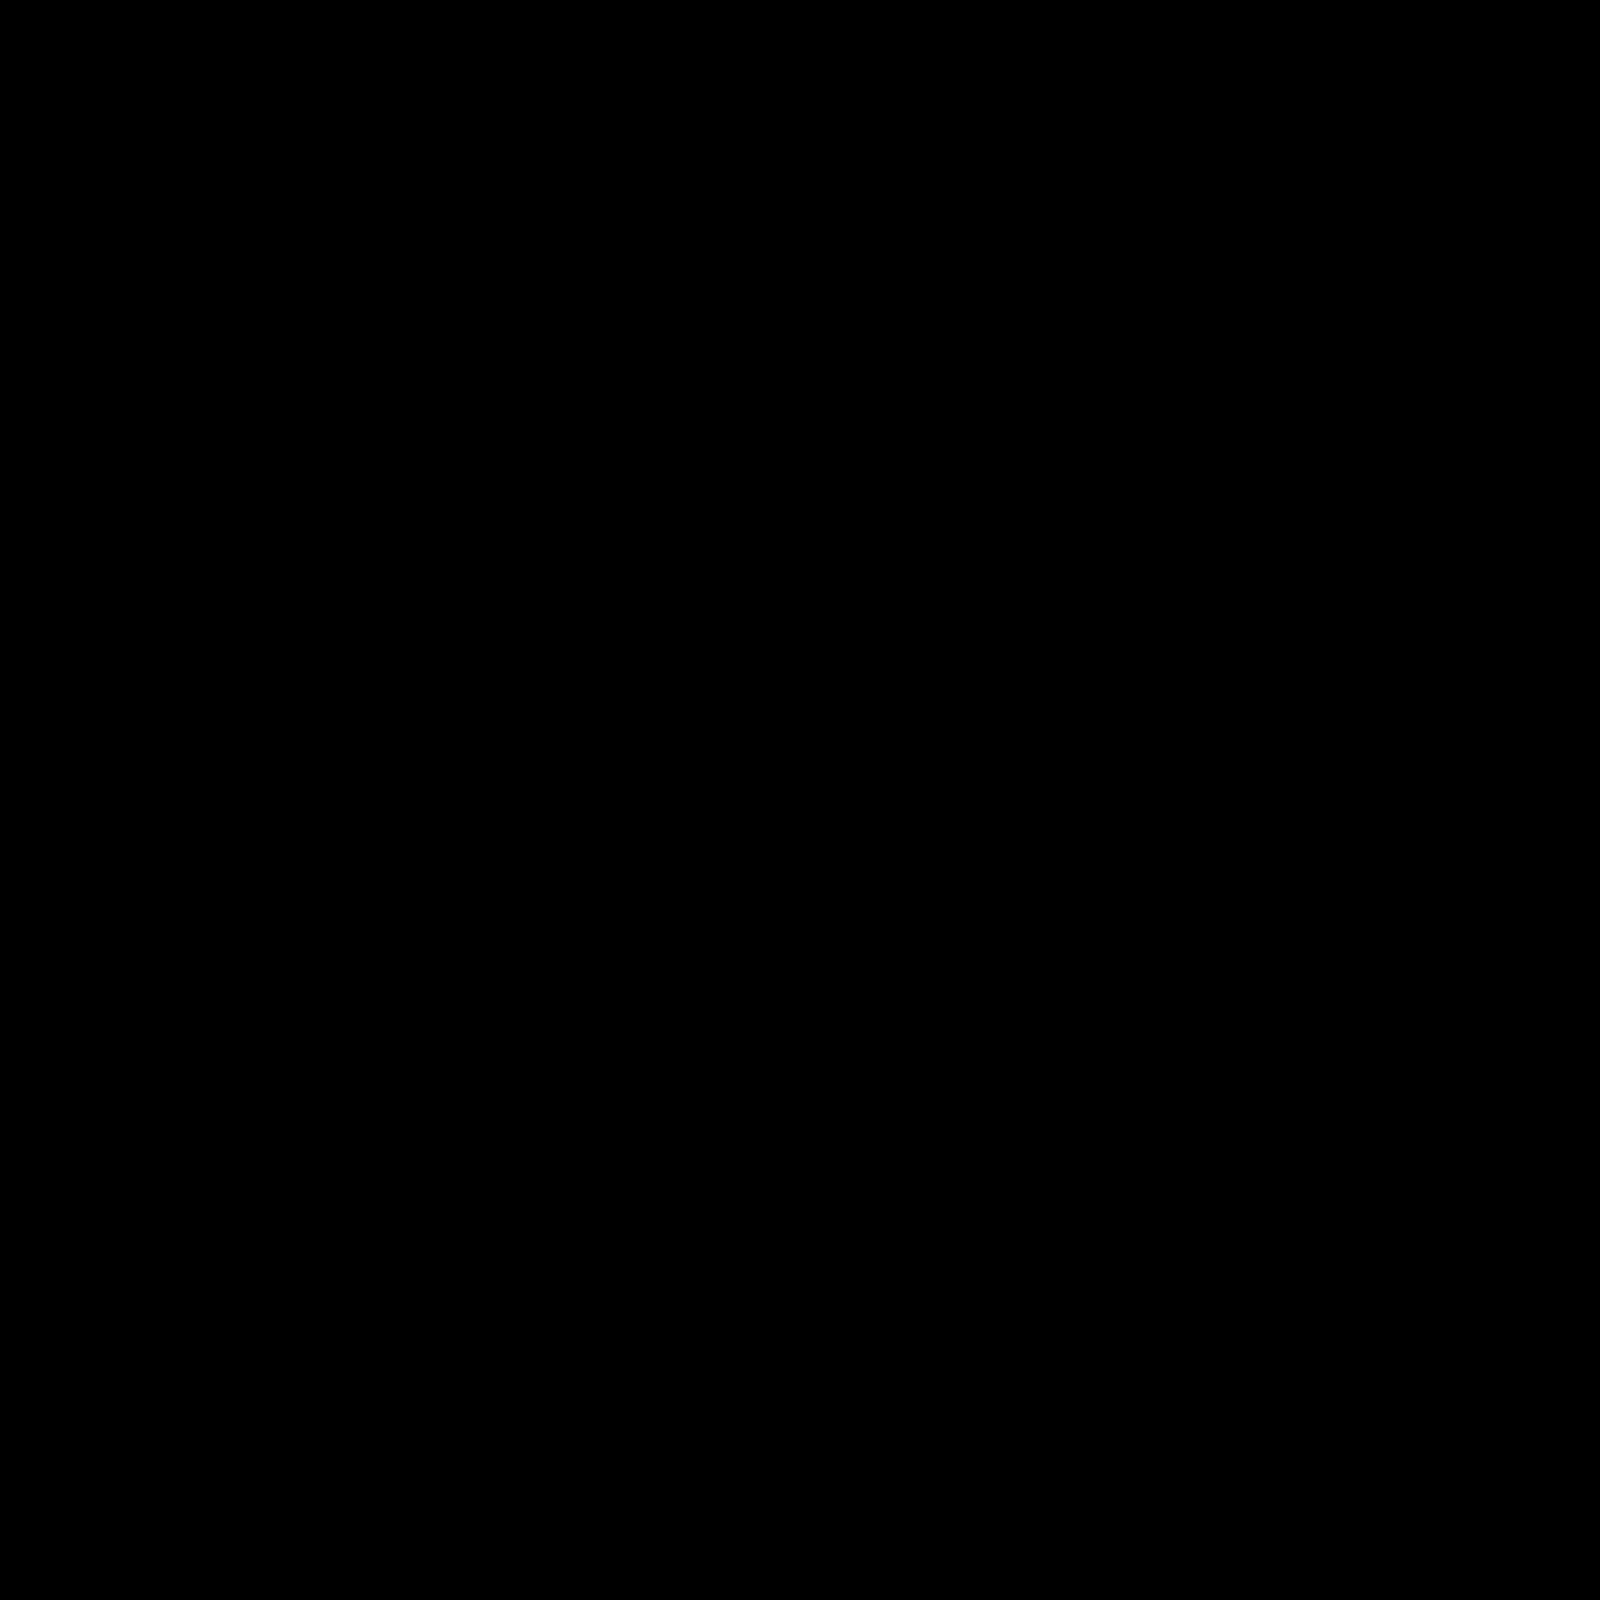 Bot Filled icon